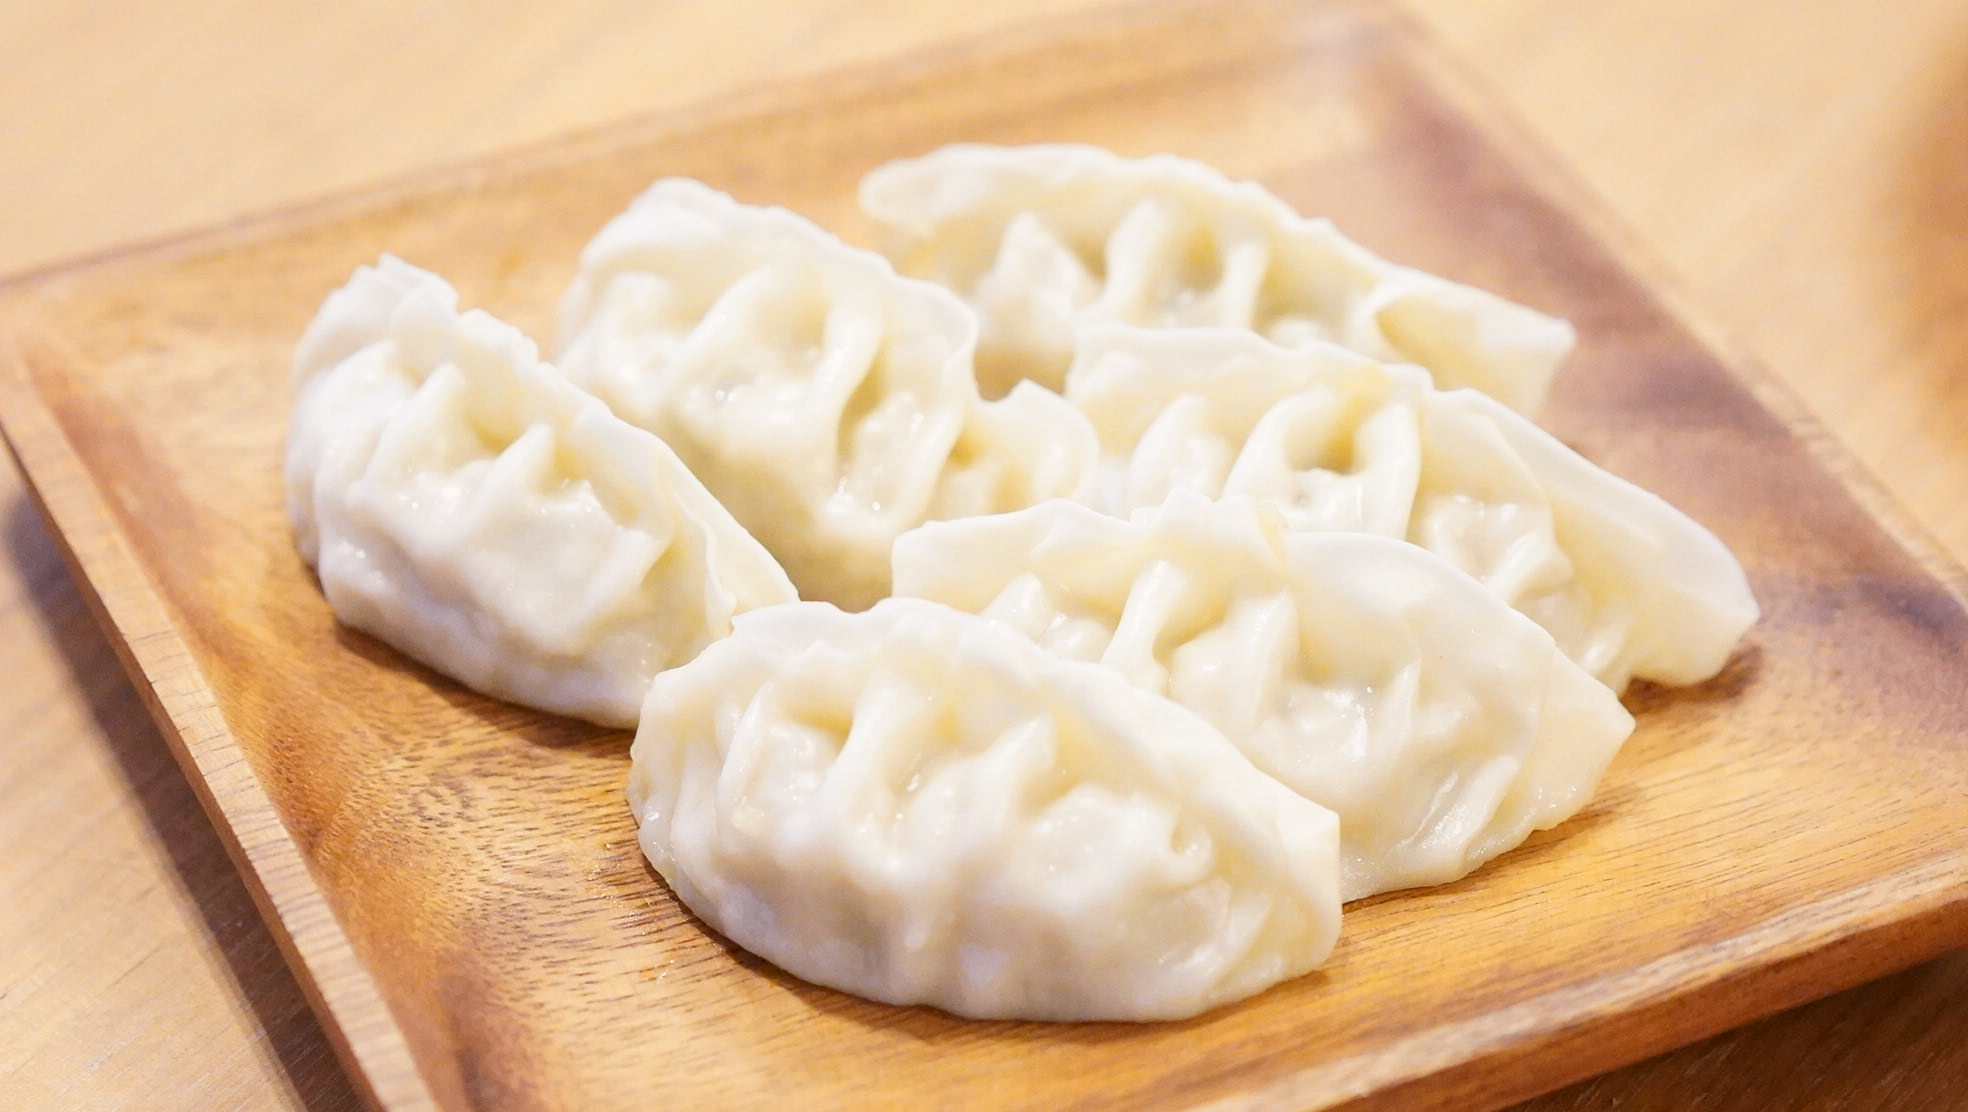 無印良品のおすすめ冷凍食品「国産豚肉と野菜の餃子」の写真